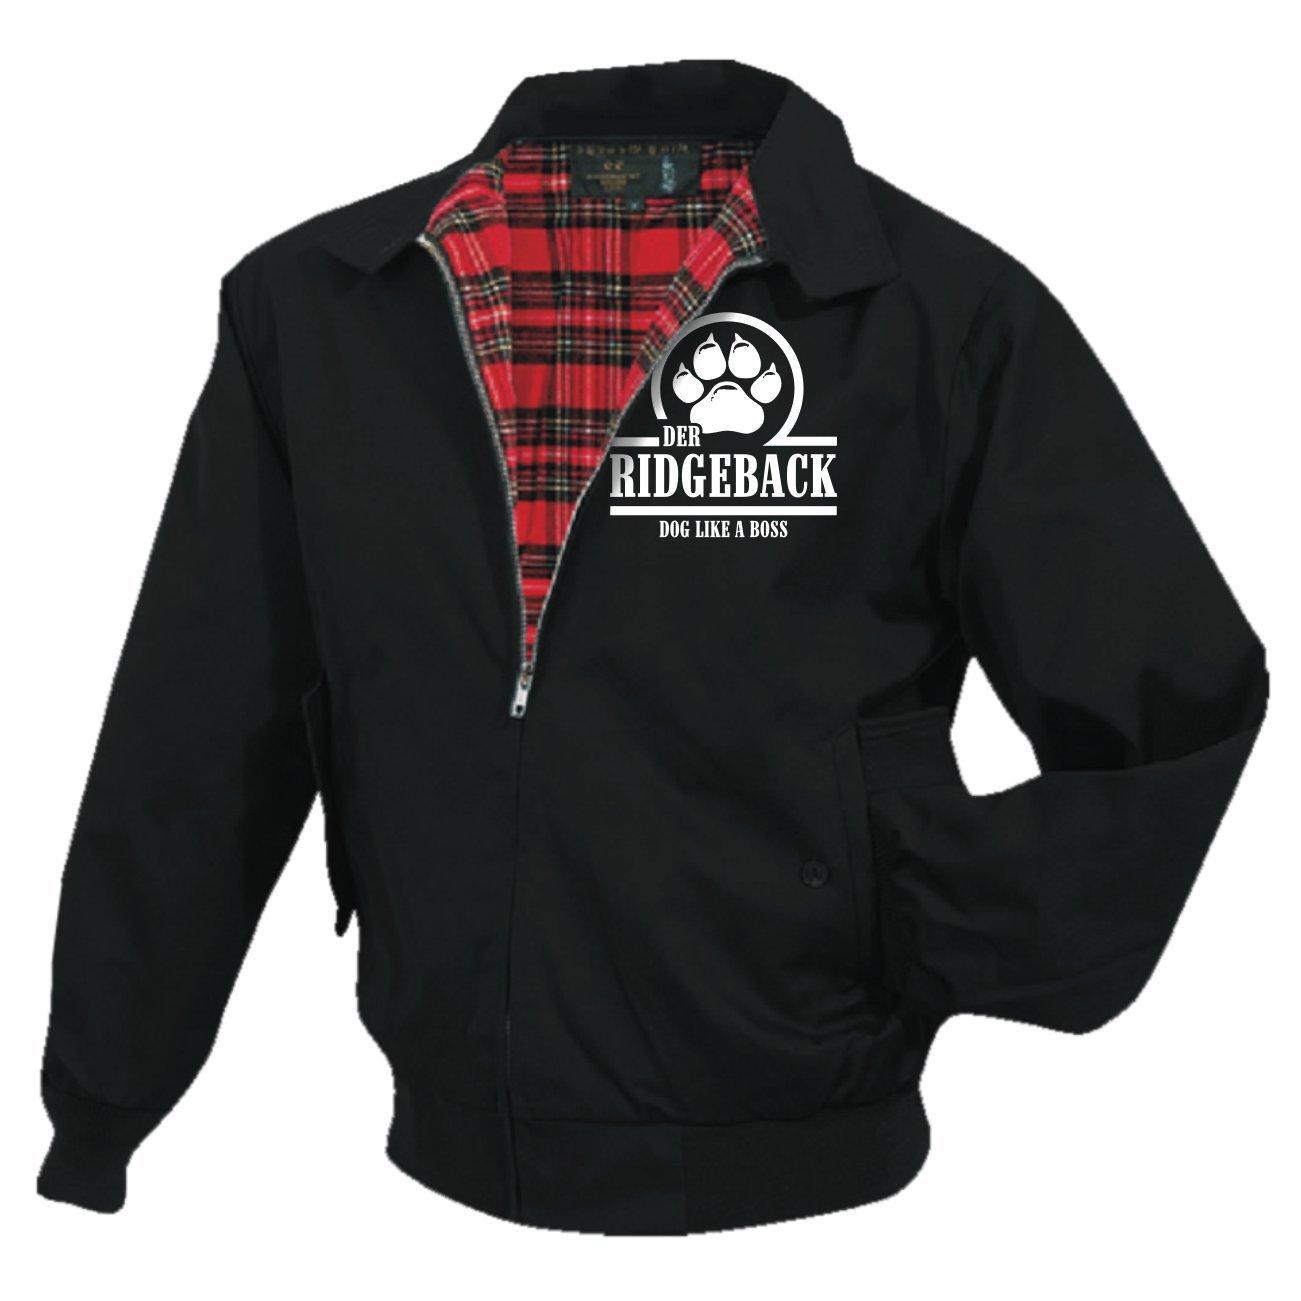 Männer und Herren Harrington Jacke Rhodesian Ridgeback (mit Rückendruck) 52587